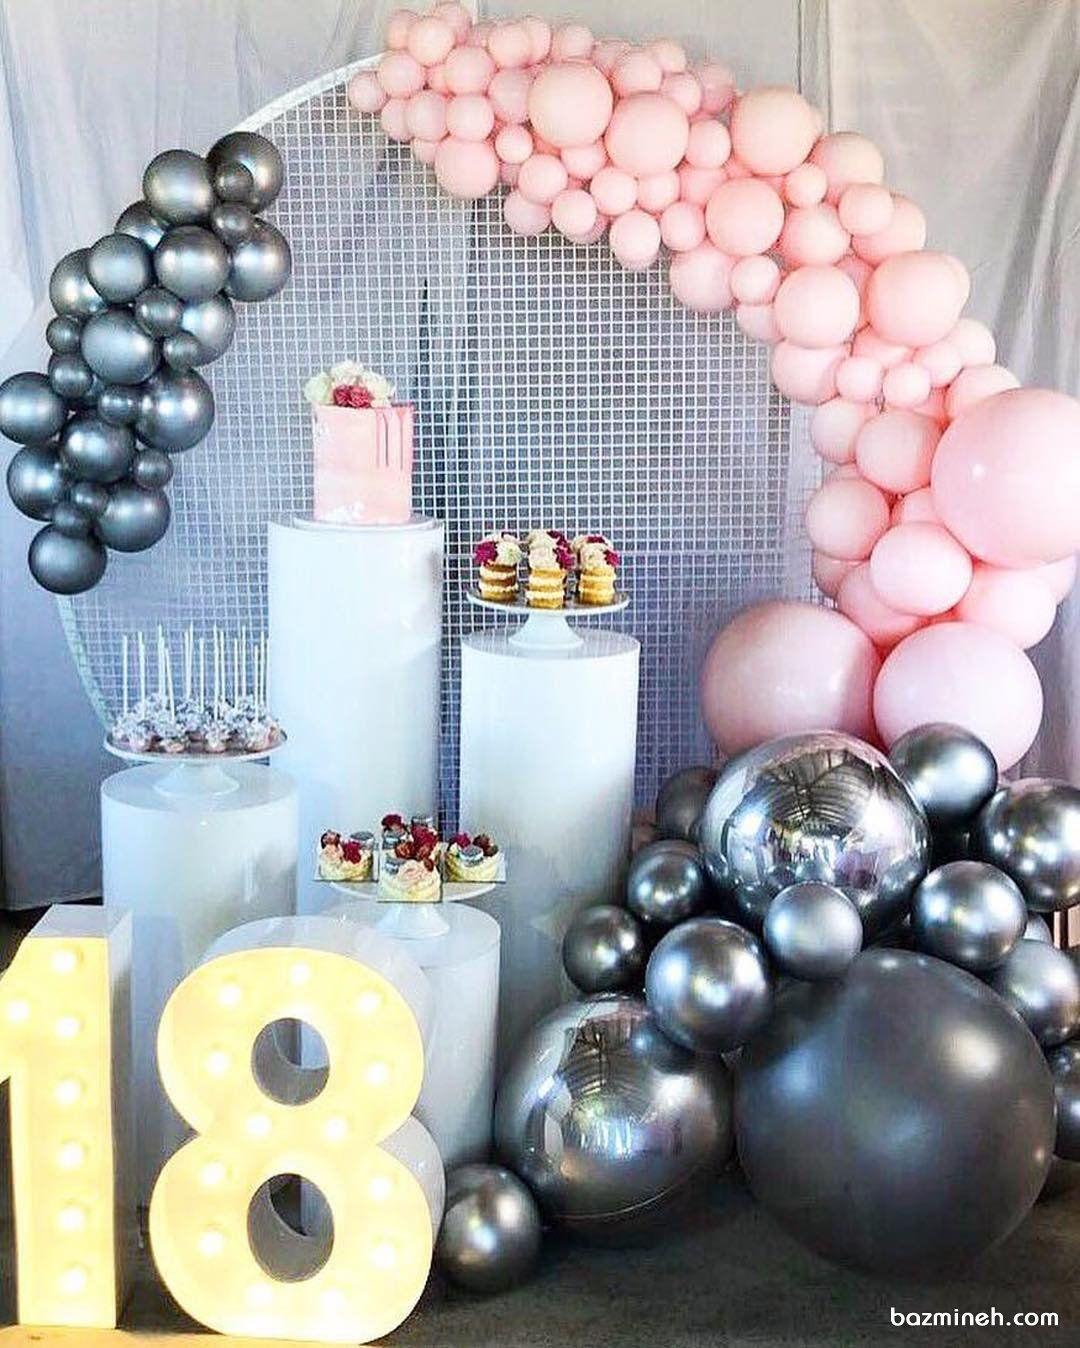 دکوراسیون و بادکنک آرایی زیبای جشن تولد هجده سالگی با تم طوسی صورتی Balloons Celebration Balloons 18th Birthday Party